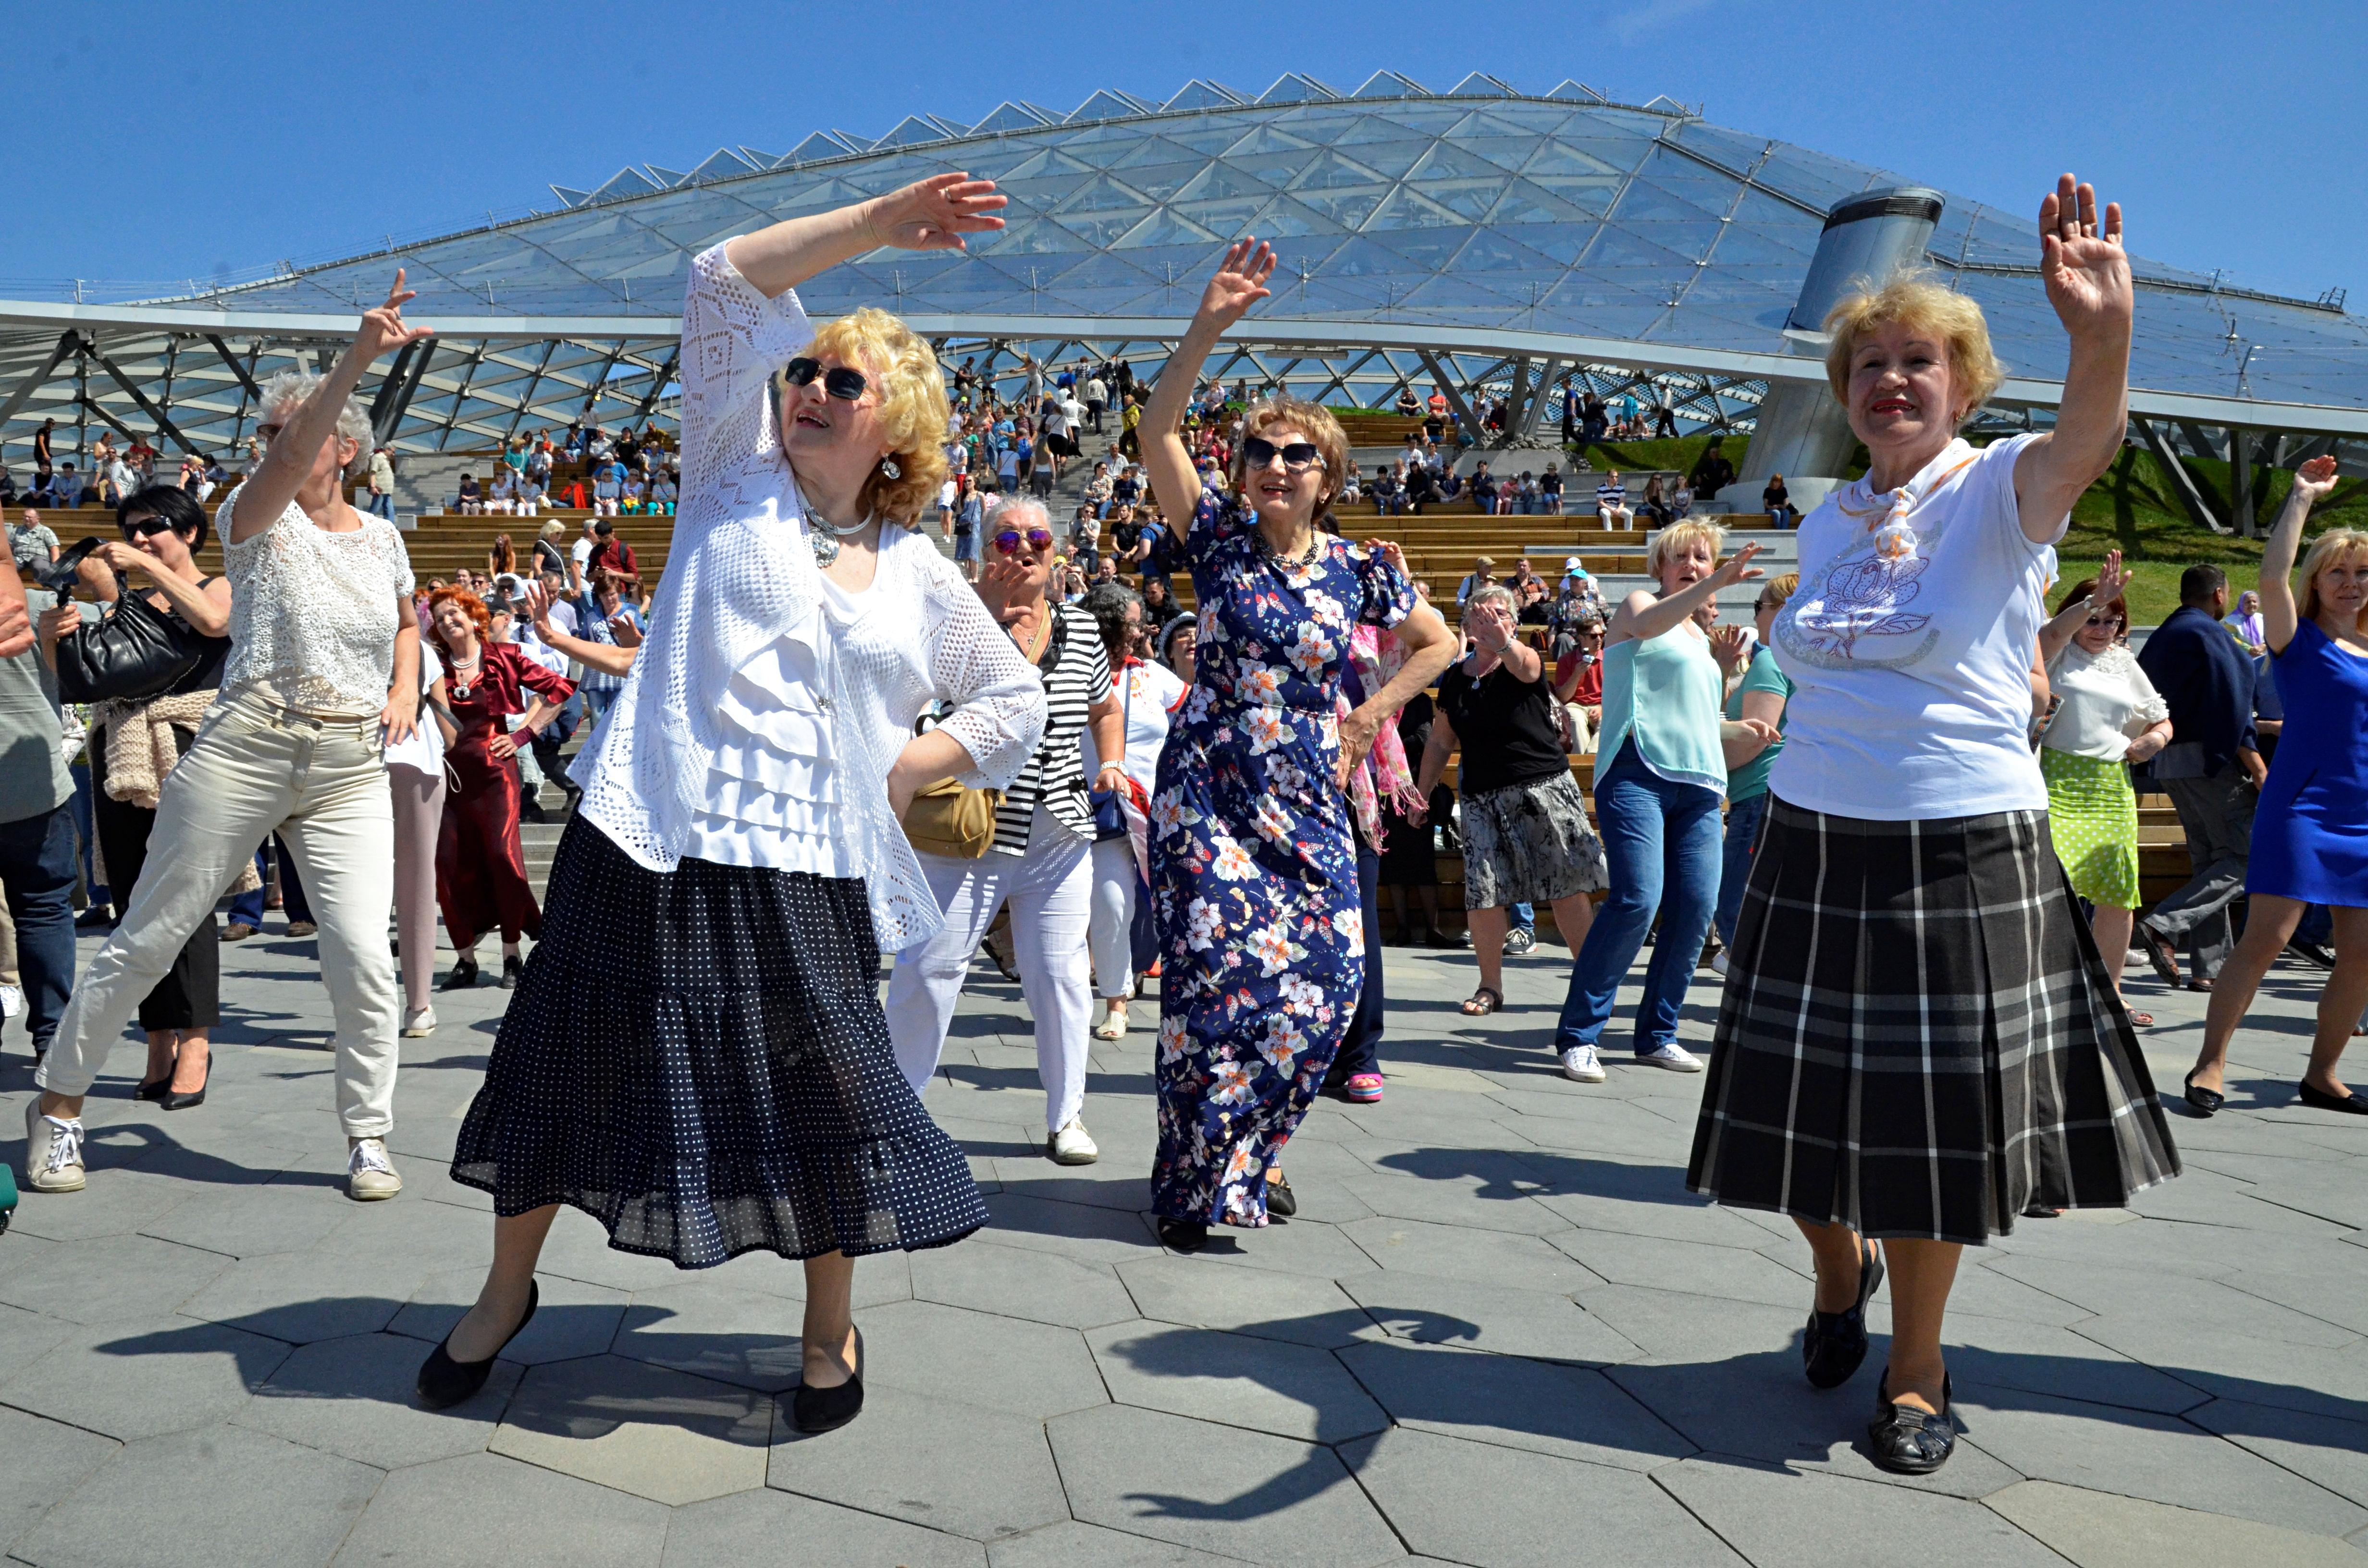 Скандинавская ходьба, дыхательная гимнастика и йога: Пожилые москвичи приняли участие в мероприятии «Лето в Зарядье»